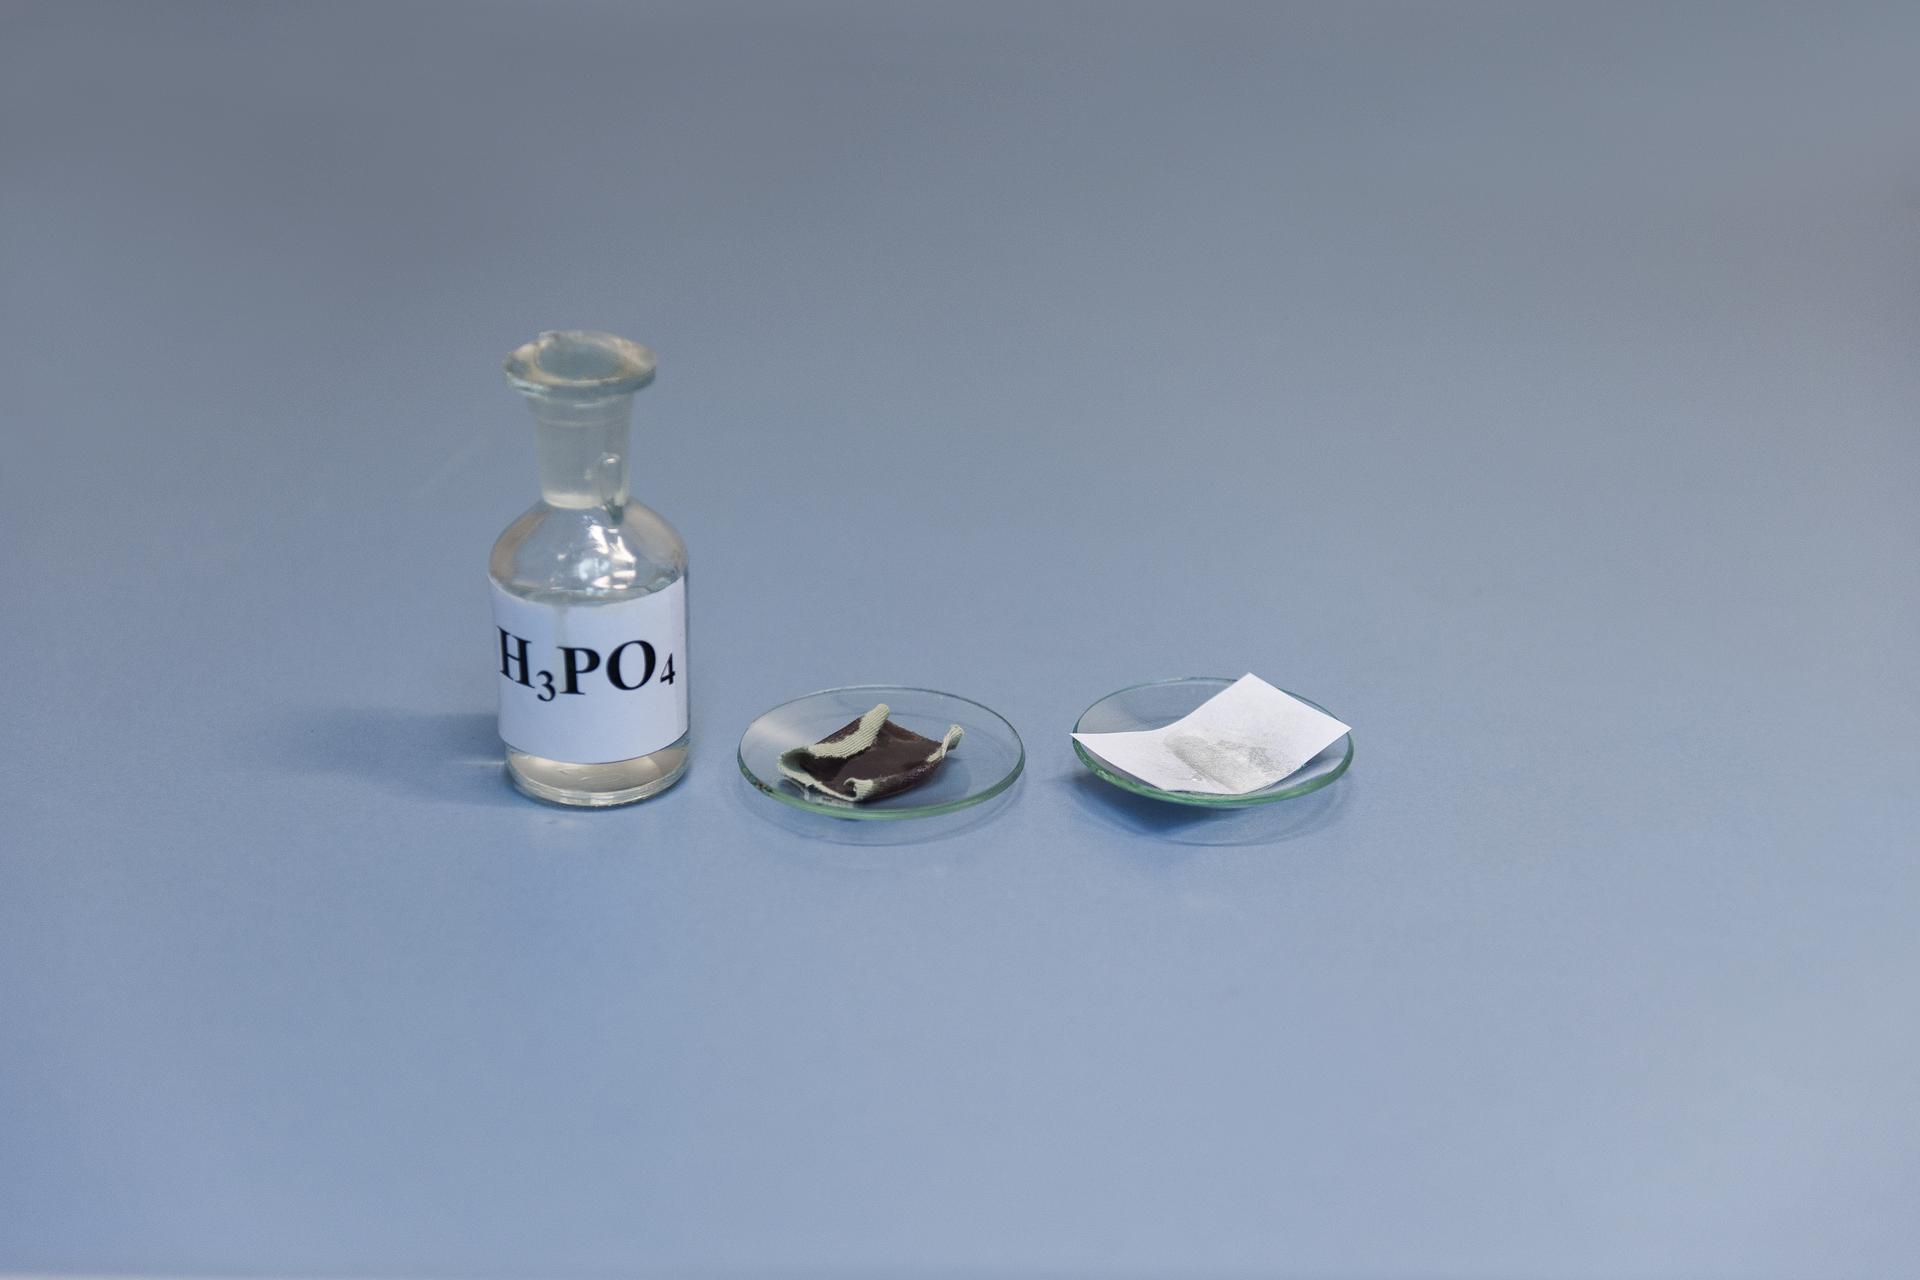 Drugie zdjęcie wgalerii przedstawia stan końcowy tego samego eksperymentu, co na ilustracji numer jeden. Papier jest zniszczony wniewielkim stopniu, natomiast tkanina pozostaje cała.